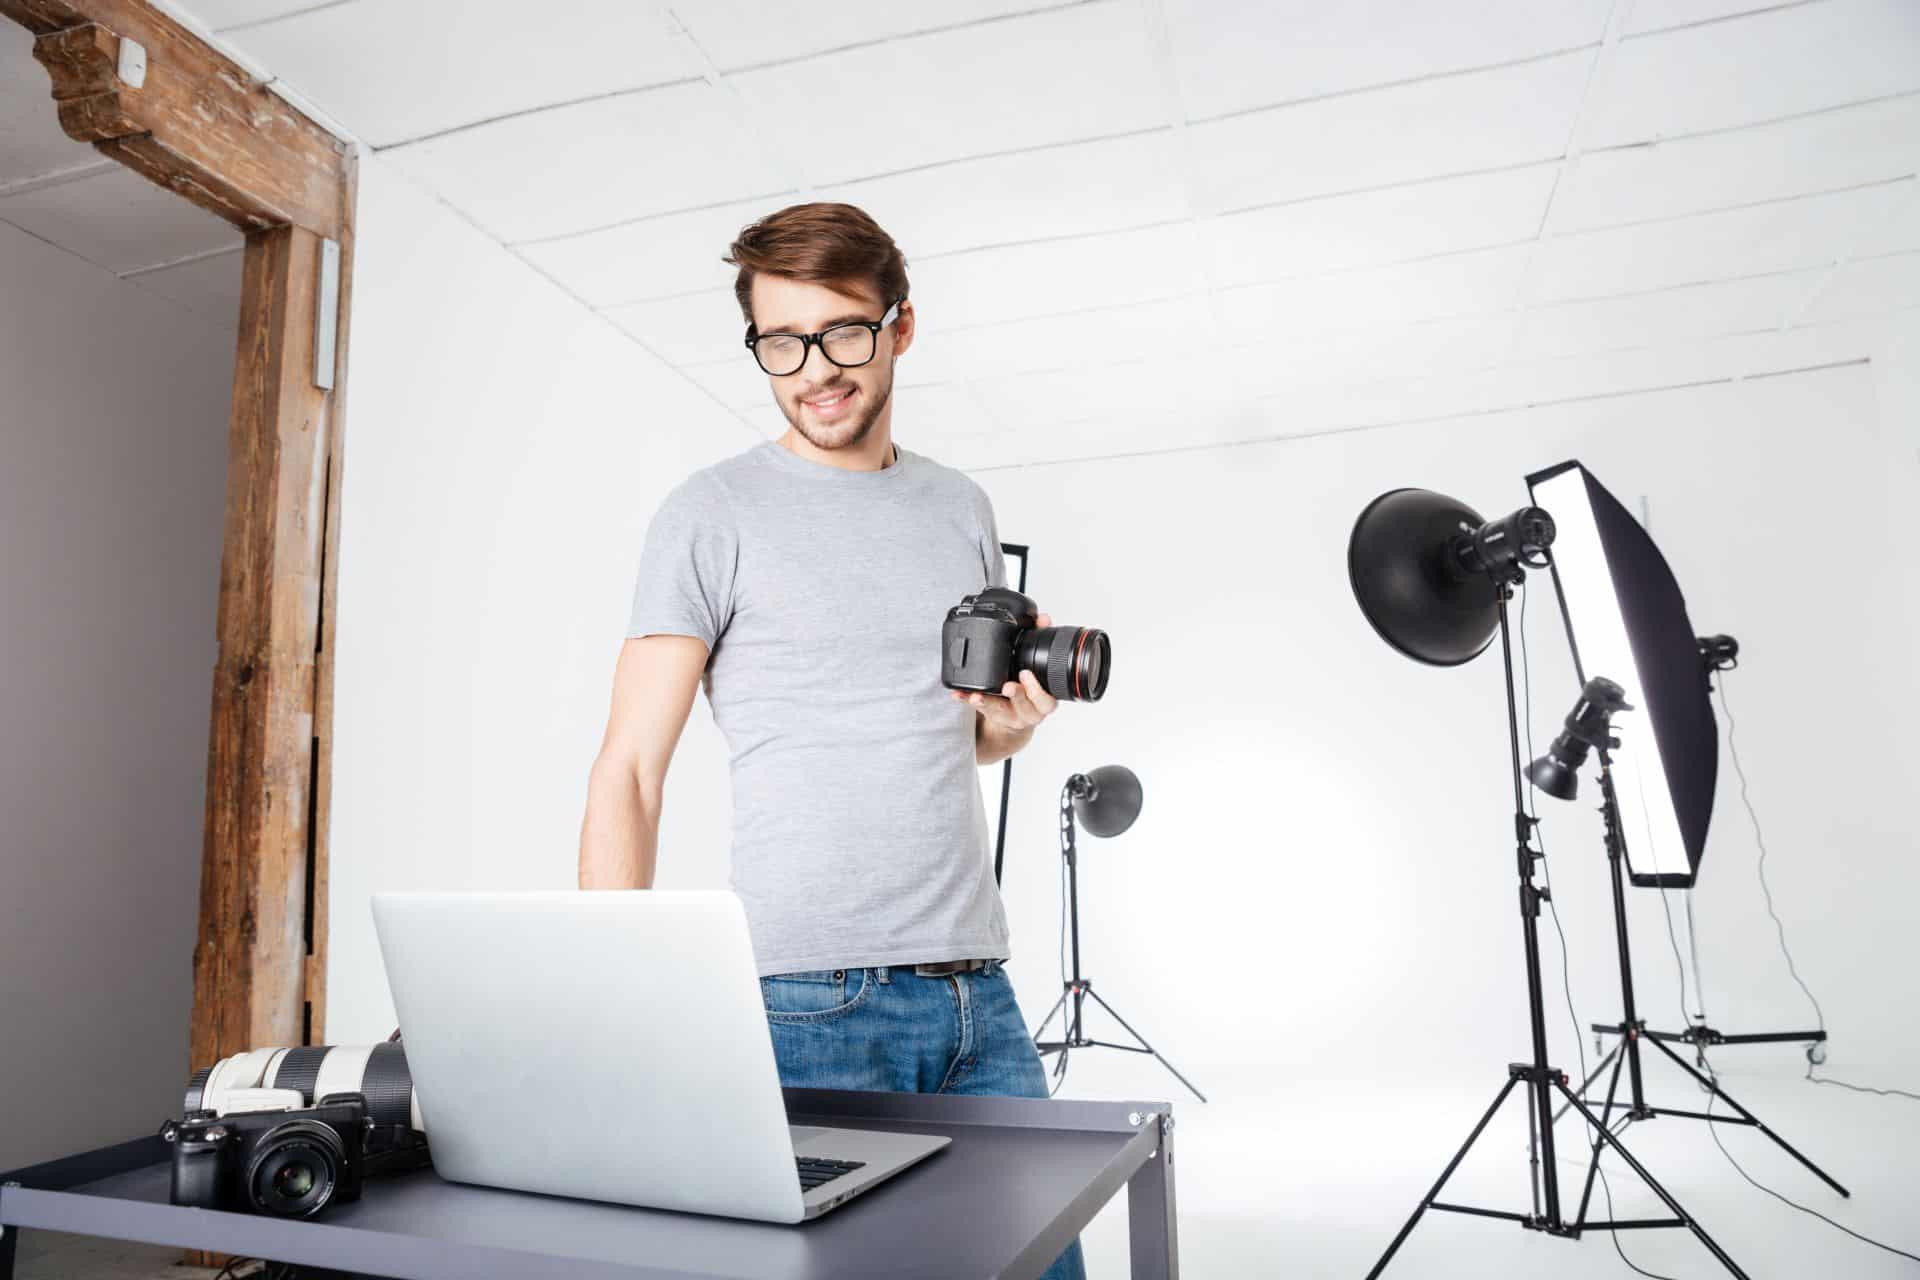 Filmek fotós szakmákról